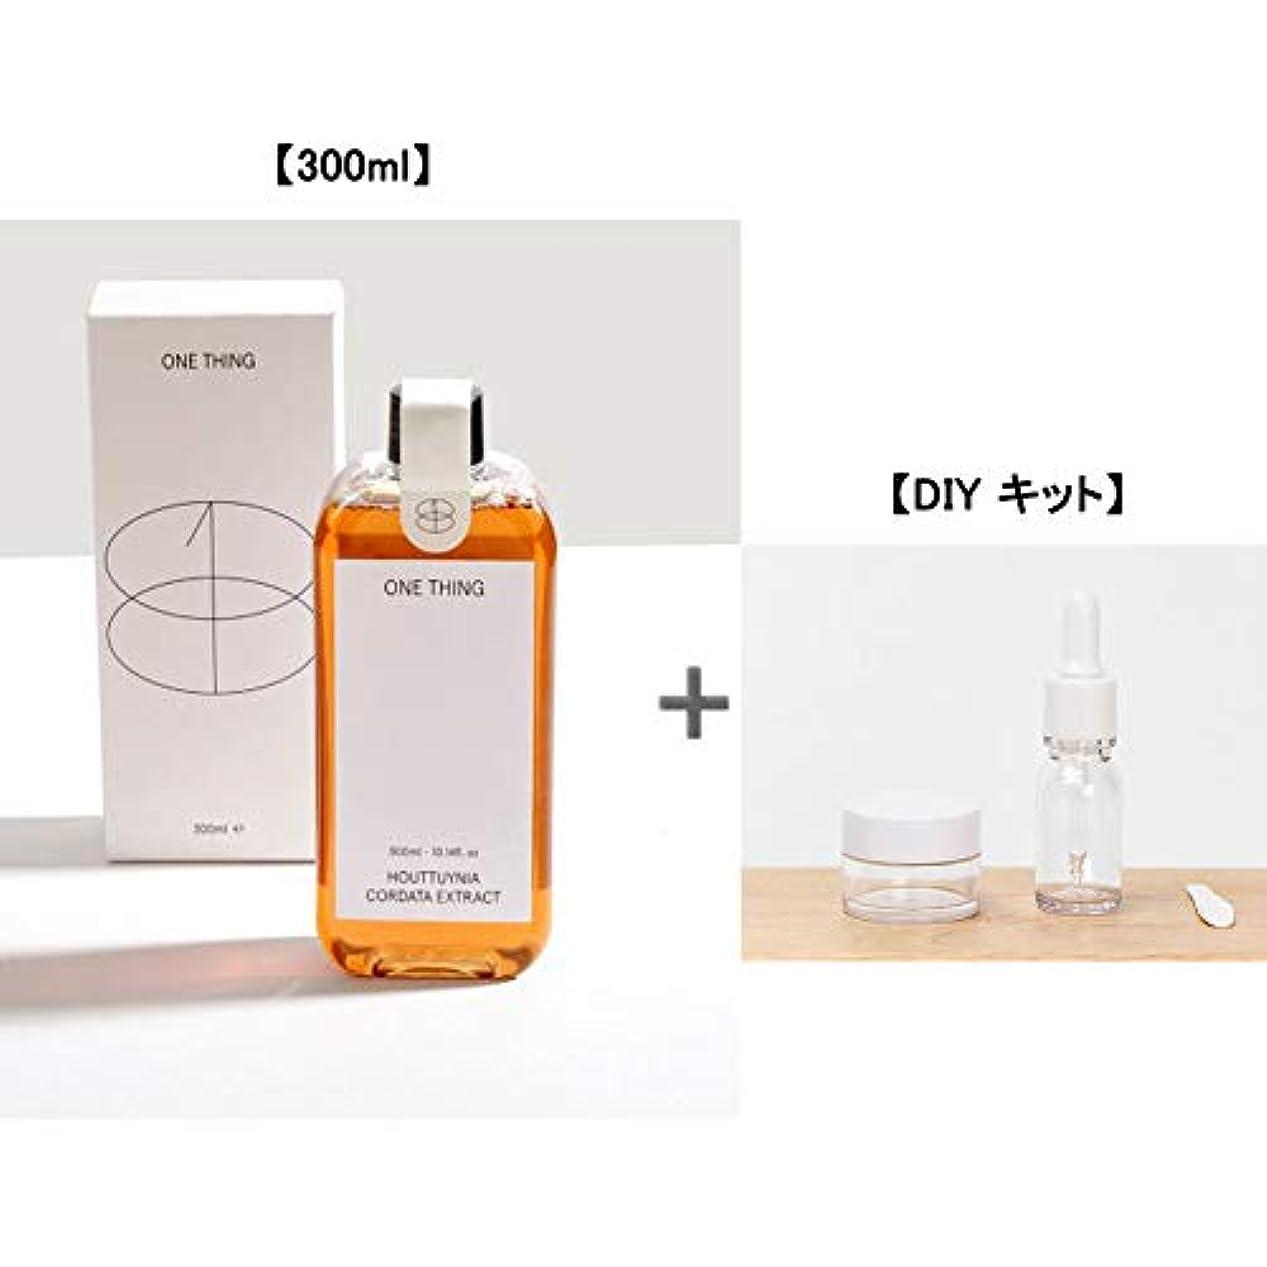 海岸ガム関係ない[ウォンシン]ドクダミエキス原液 300ml /トラブル性肌、頭皮ケアに効果的/化粧品に混ぜて使用可能[並行輸入品] (ドクダミ 原液 300ml + DIY 3 Kit)